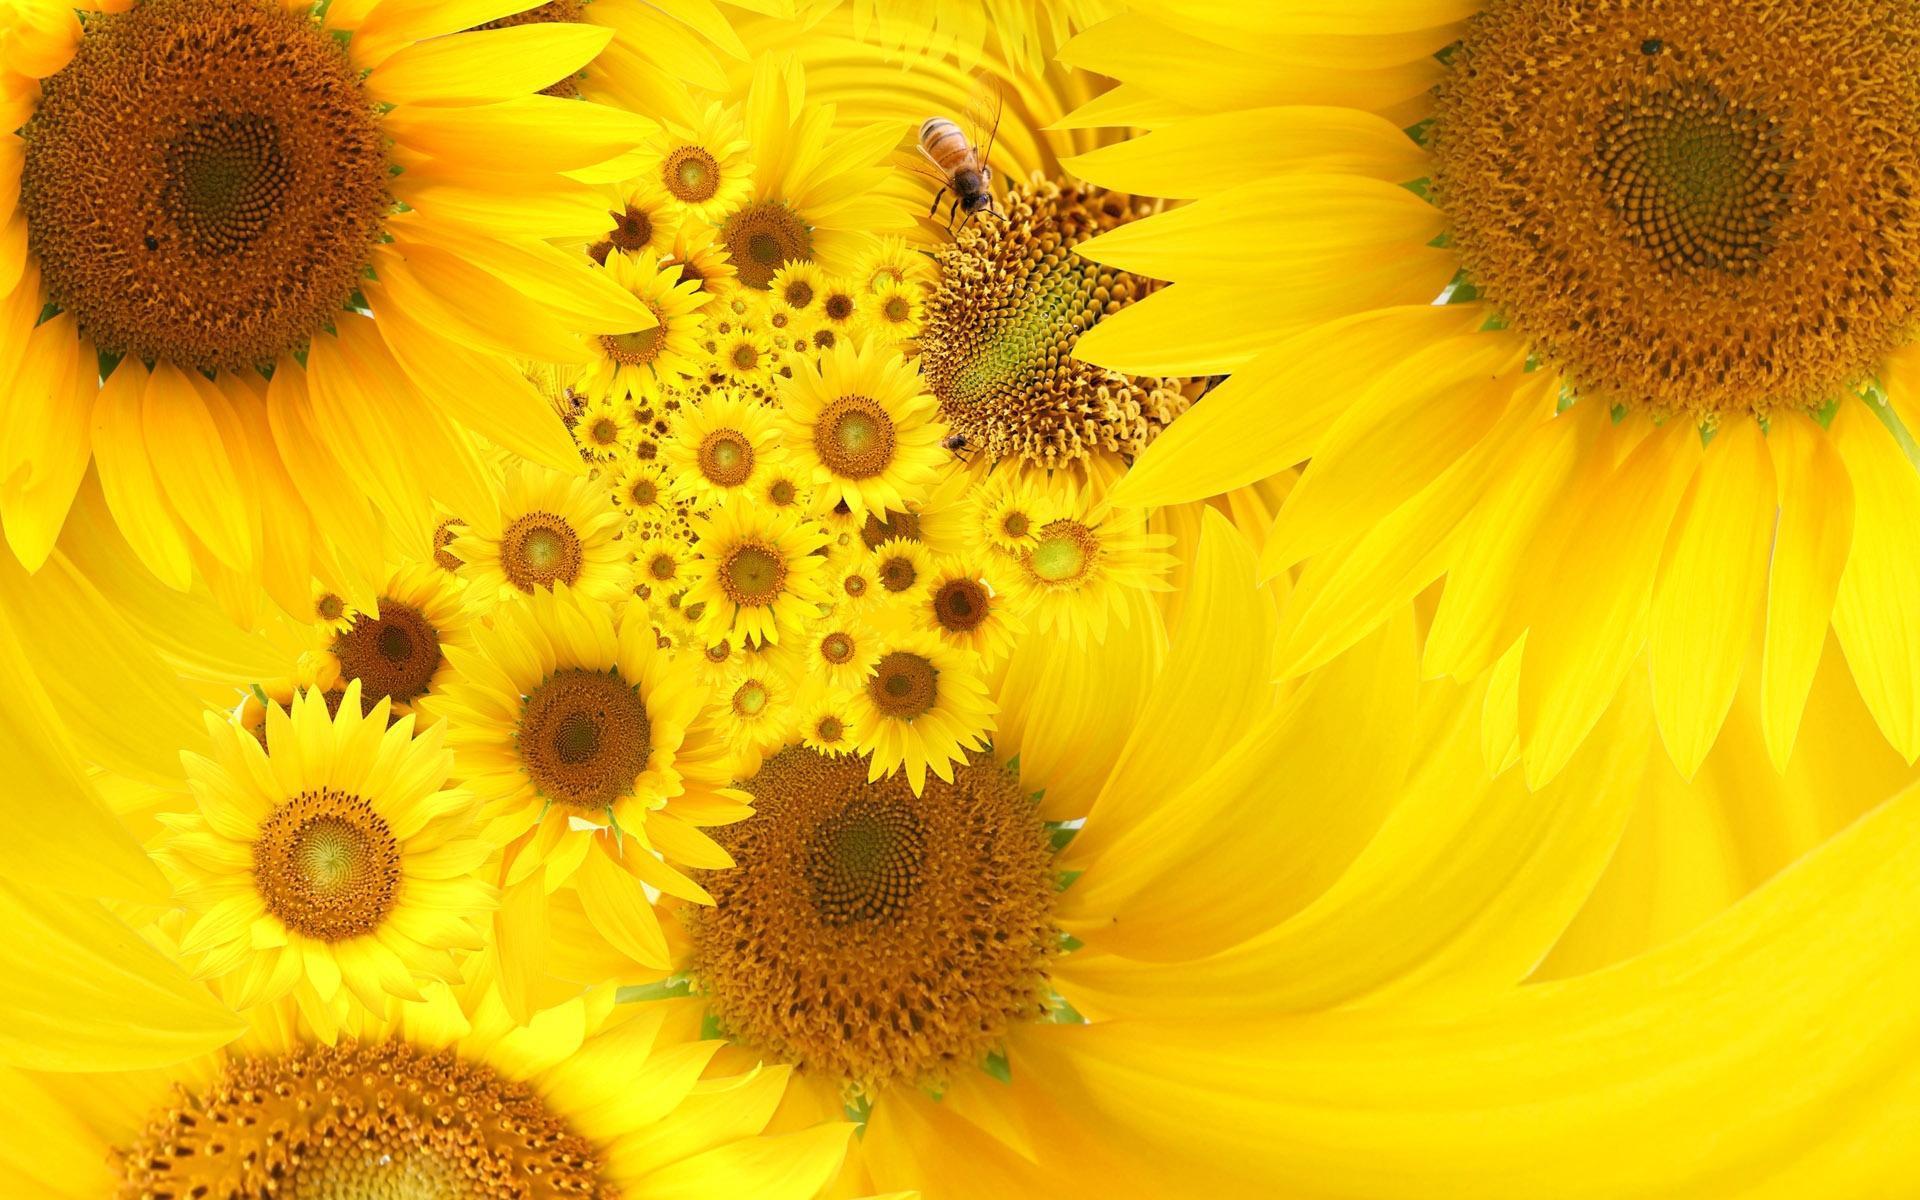 22128 скачать обои Насекомые, Подсолнухи, Растения, Цветы, Пчелы - заставки и картинки бесплатно